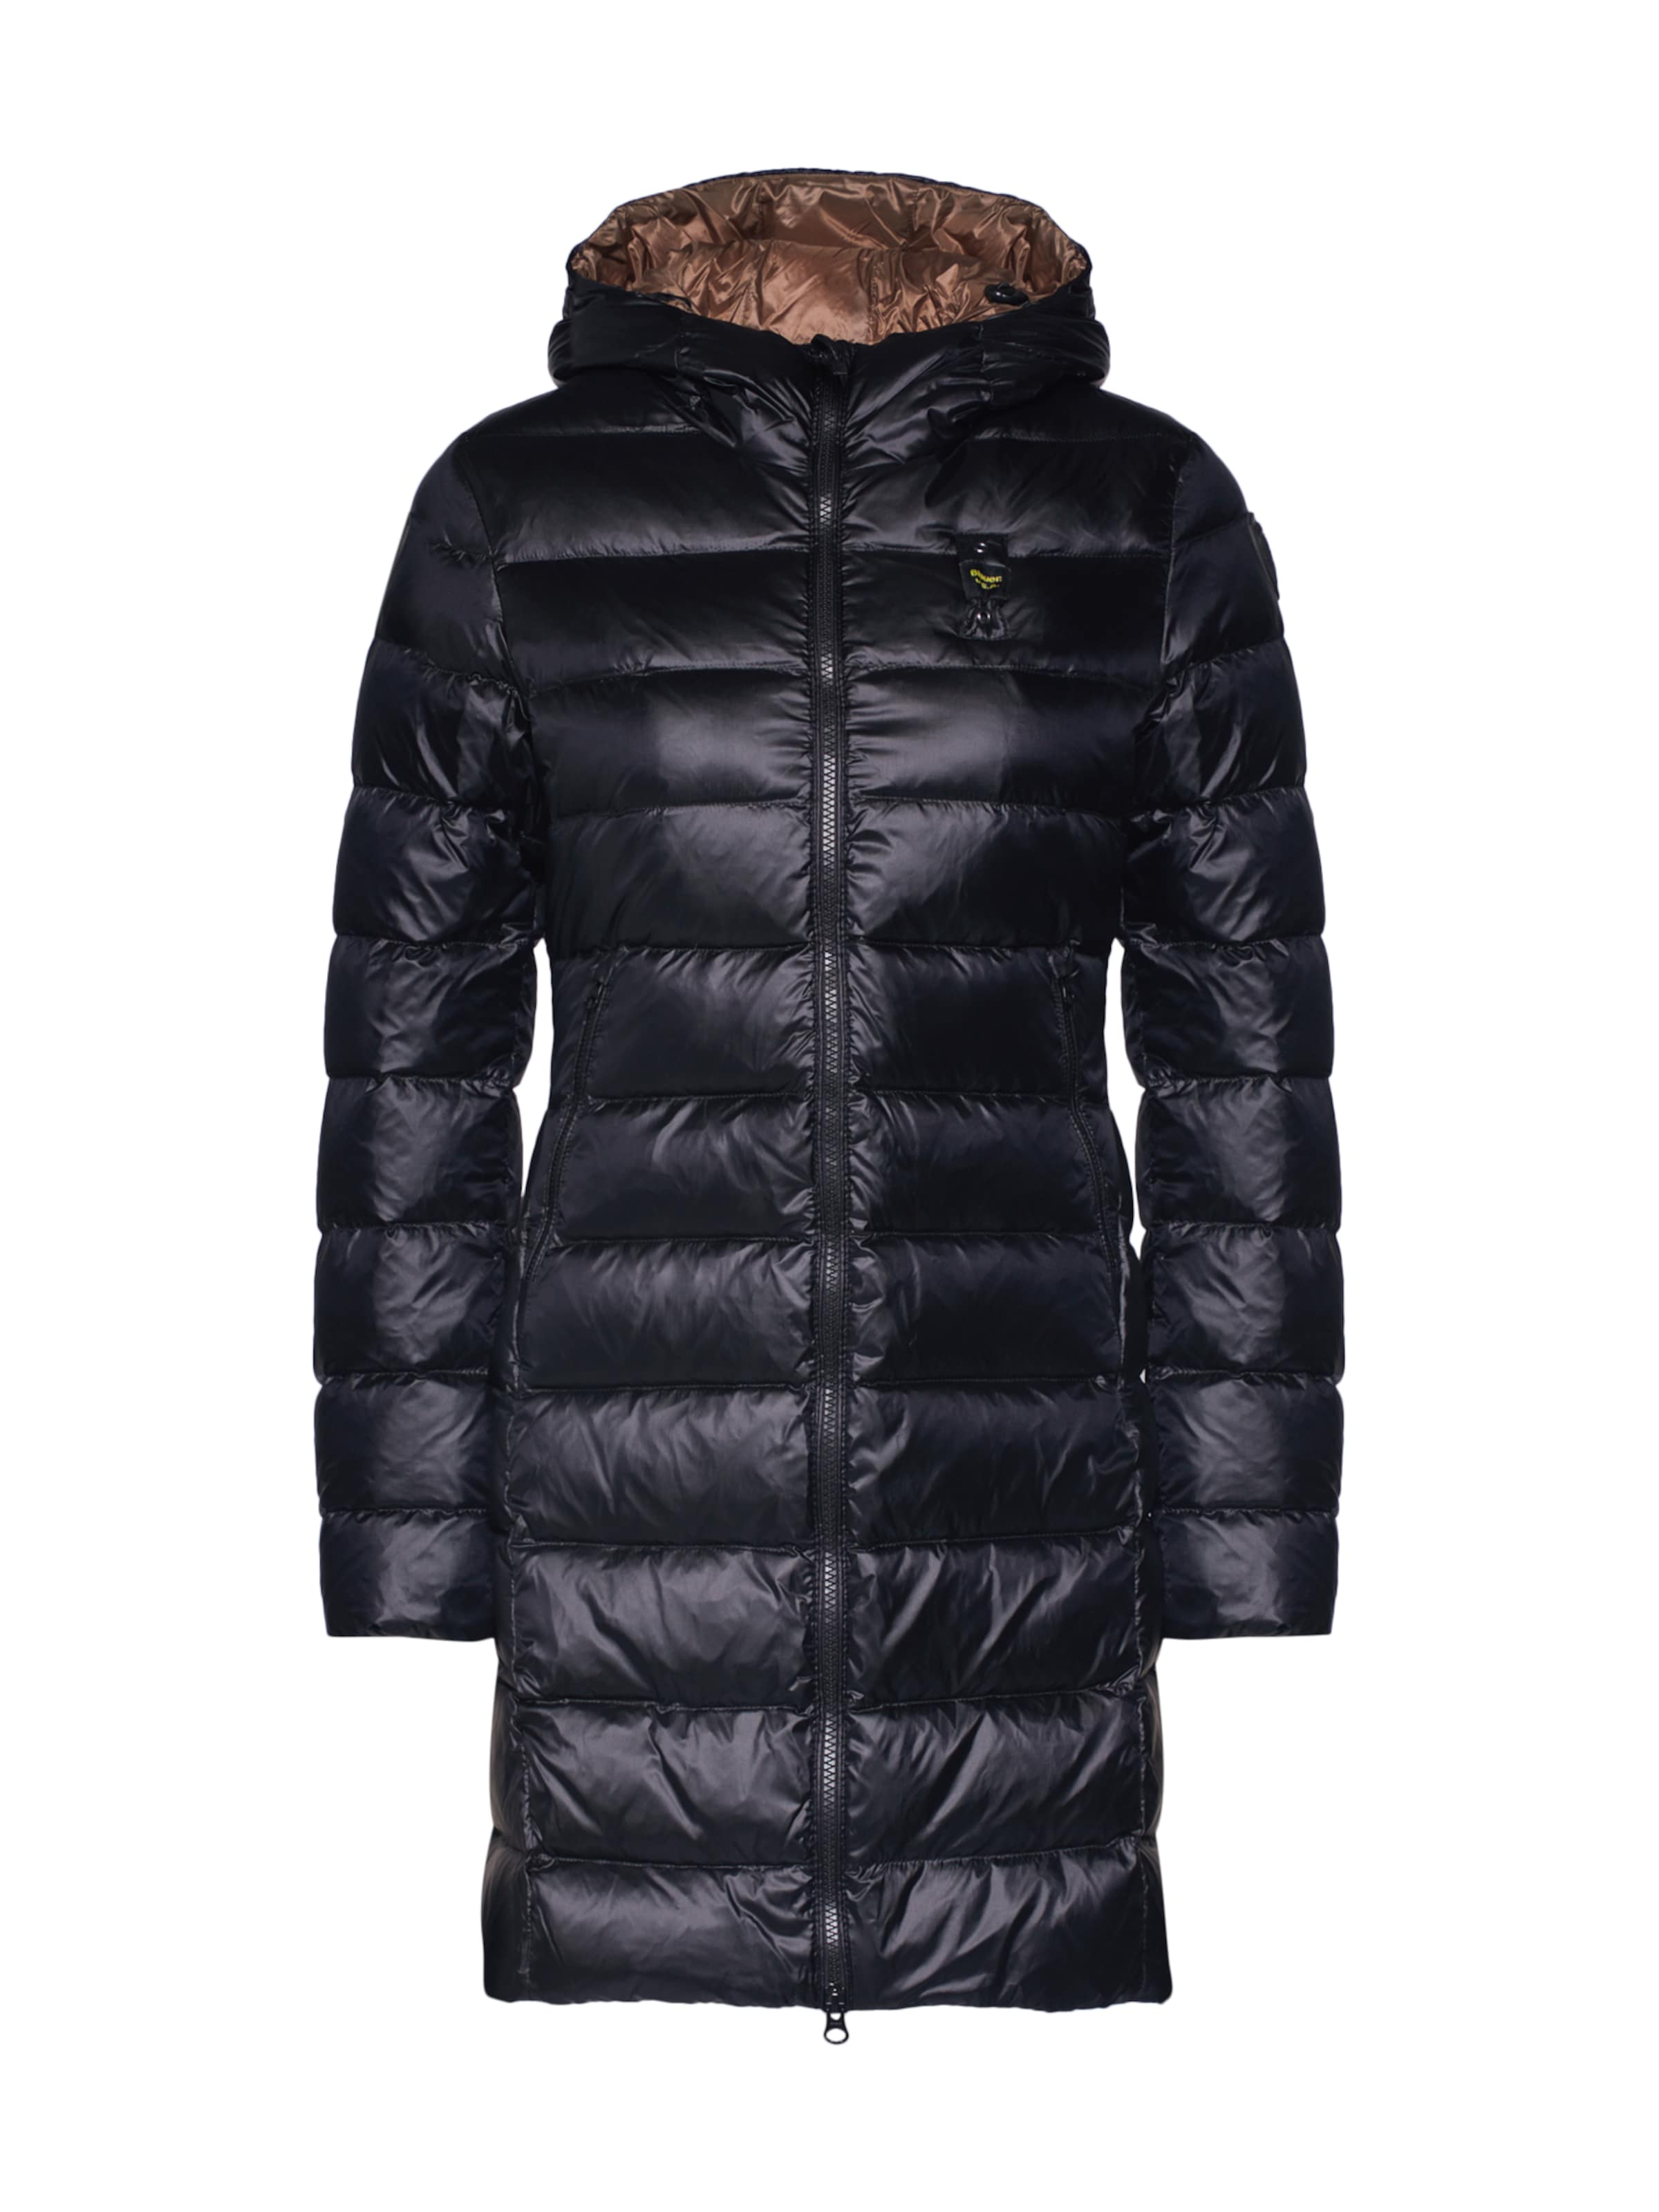 Foncé Vert 'lunghi D'hiver Imbottito usa Blauer Manteau En Piuma' wOn80kP